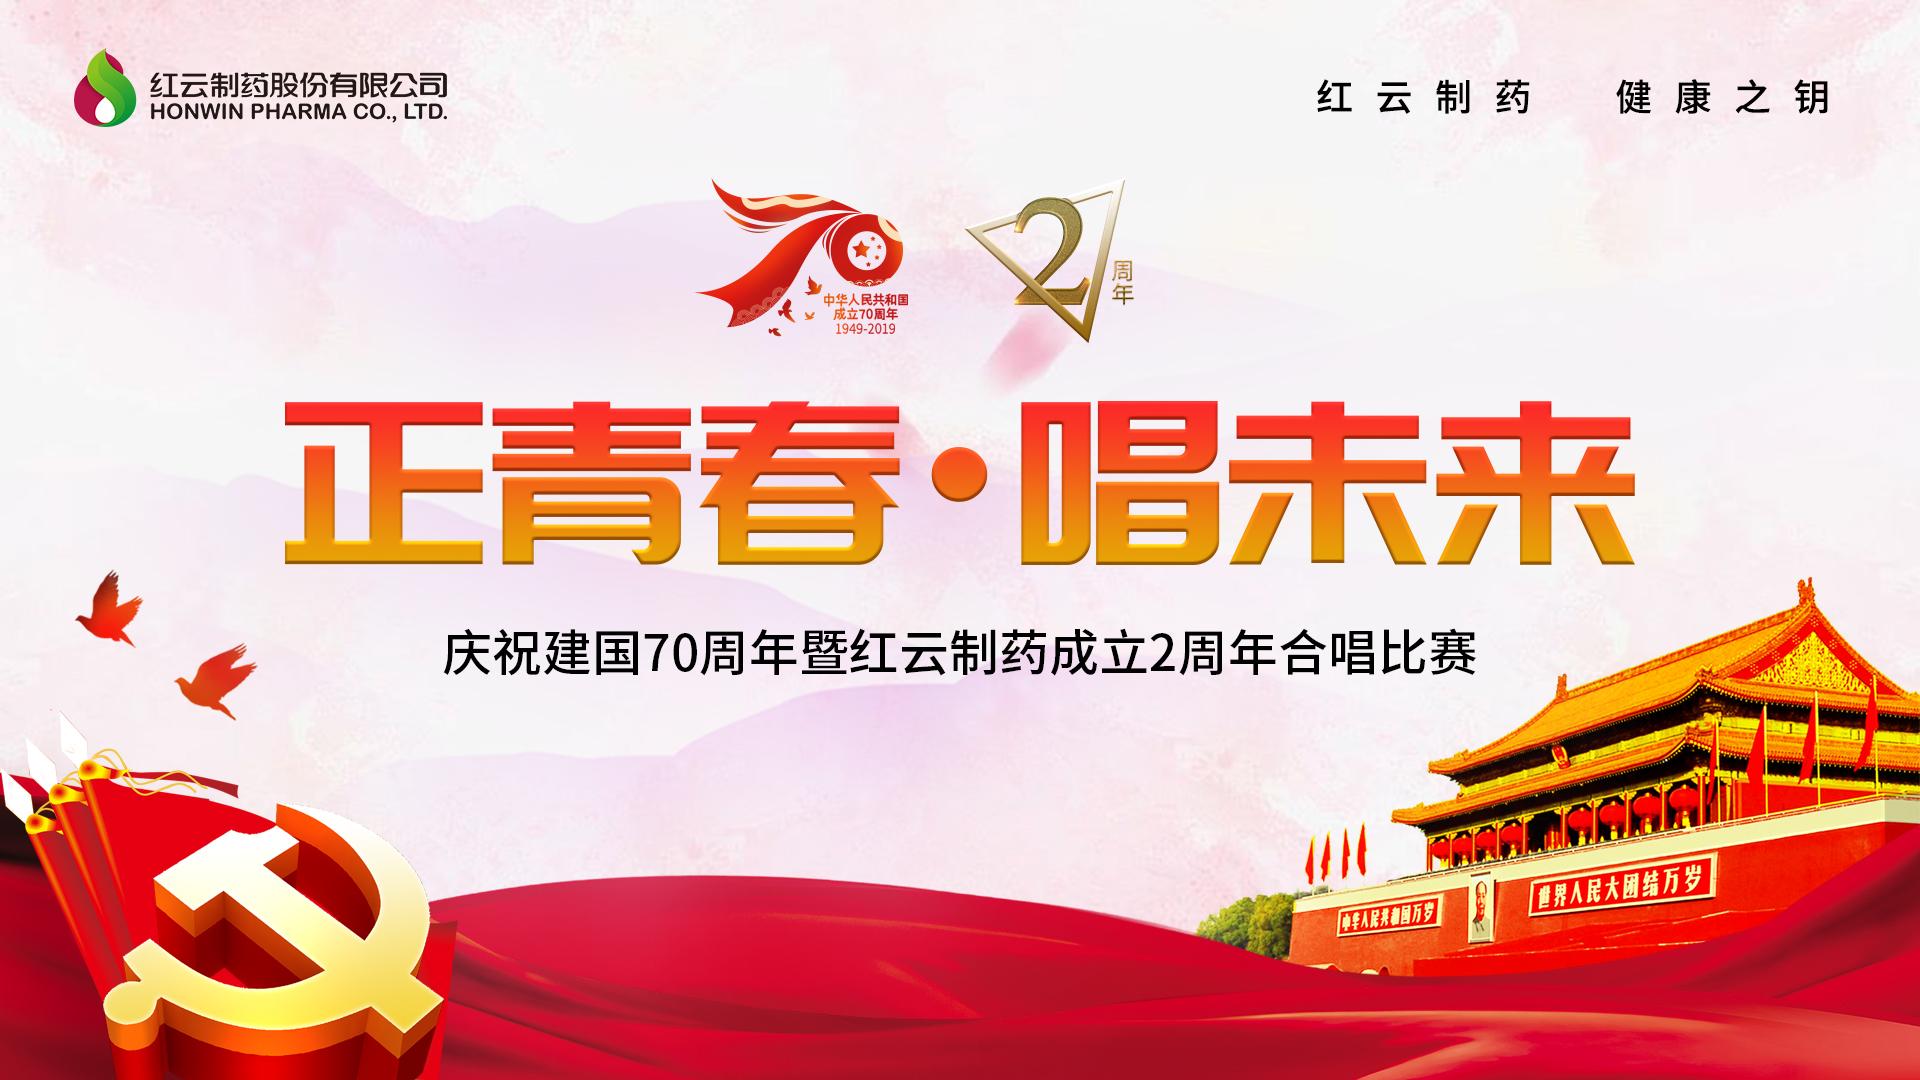 正青春·唱未来——成都向日葵app视频药业组织开展庆祝建国70周年暨红云制药成立2周年合唱比赛